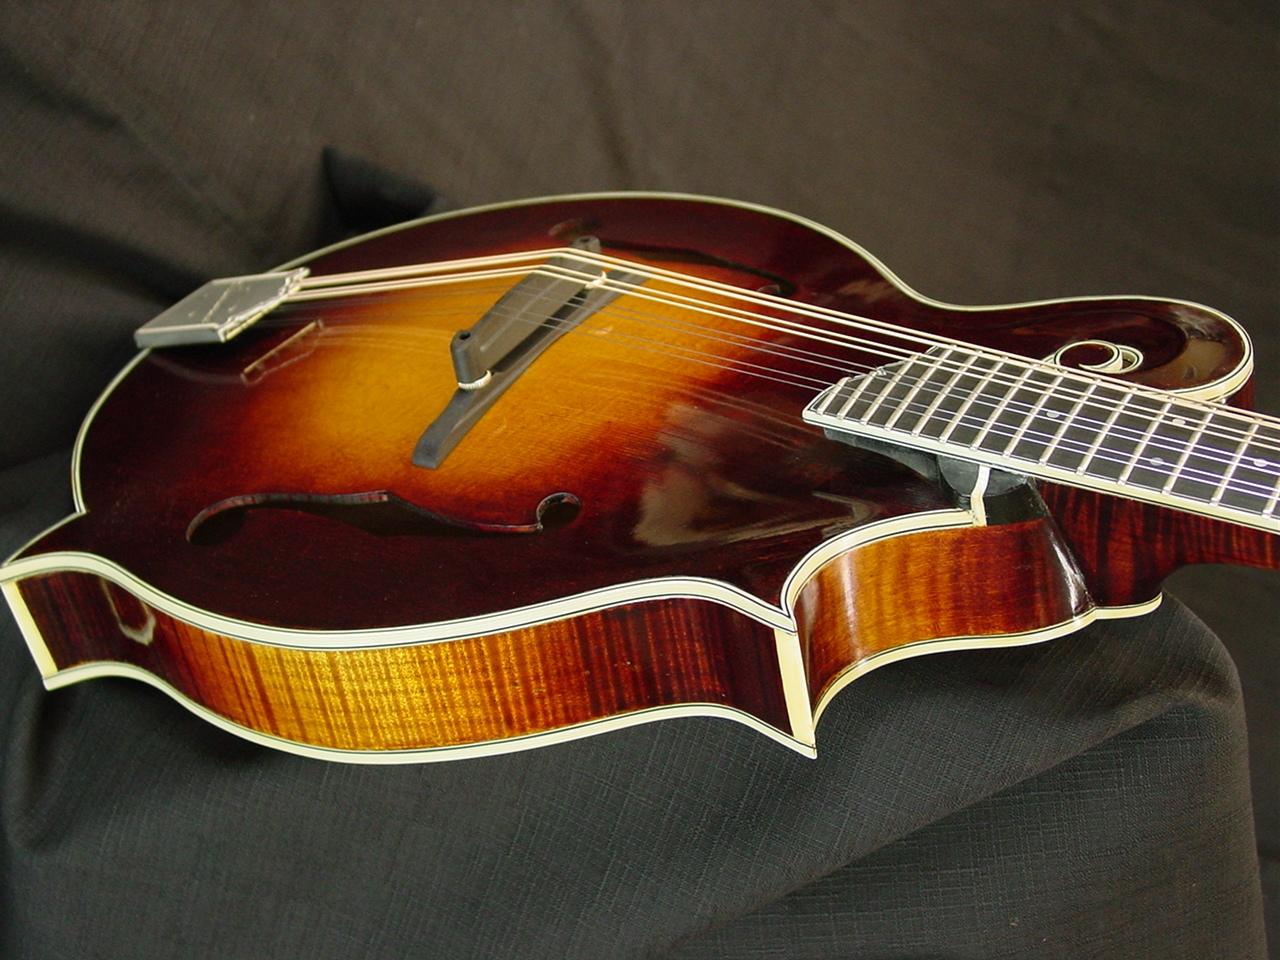 river f5 mandolin Mike P. demo stock f5 014 016 001